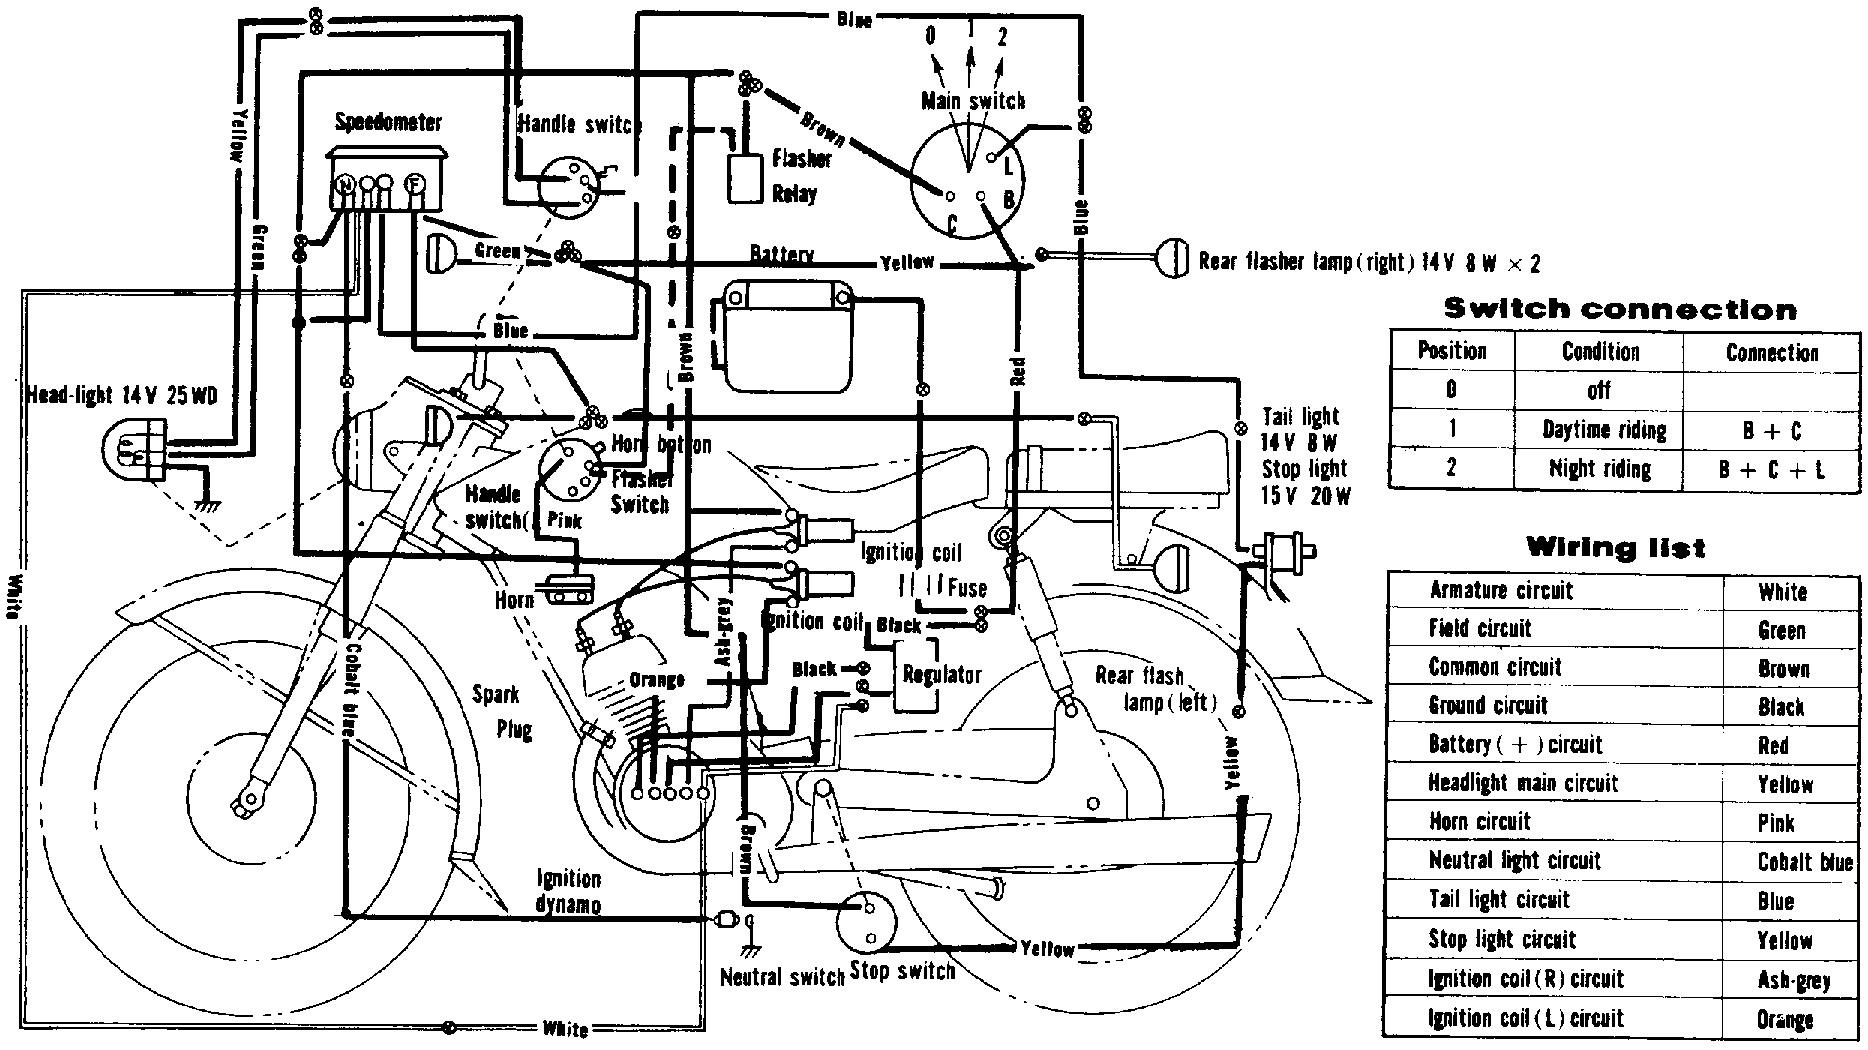 yamaha l2 wiring diagram [ 1868 x 1050 Pixel ]